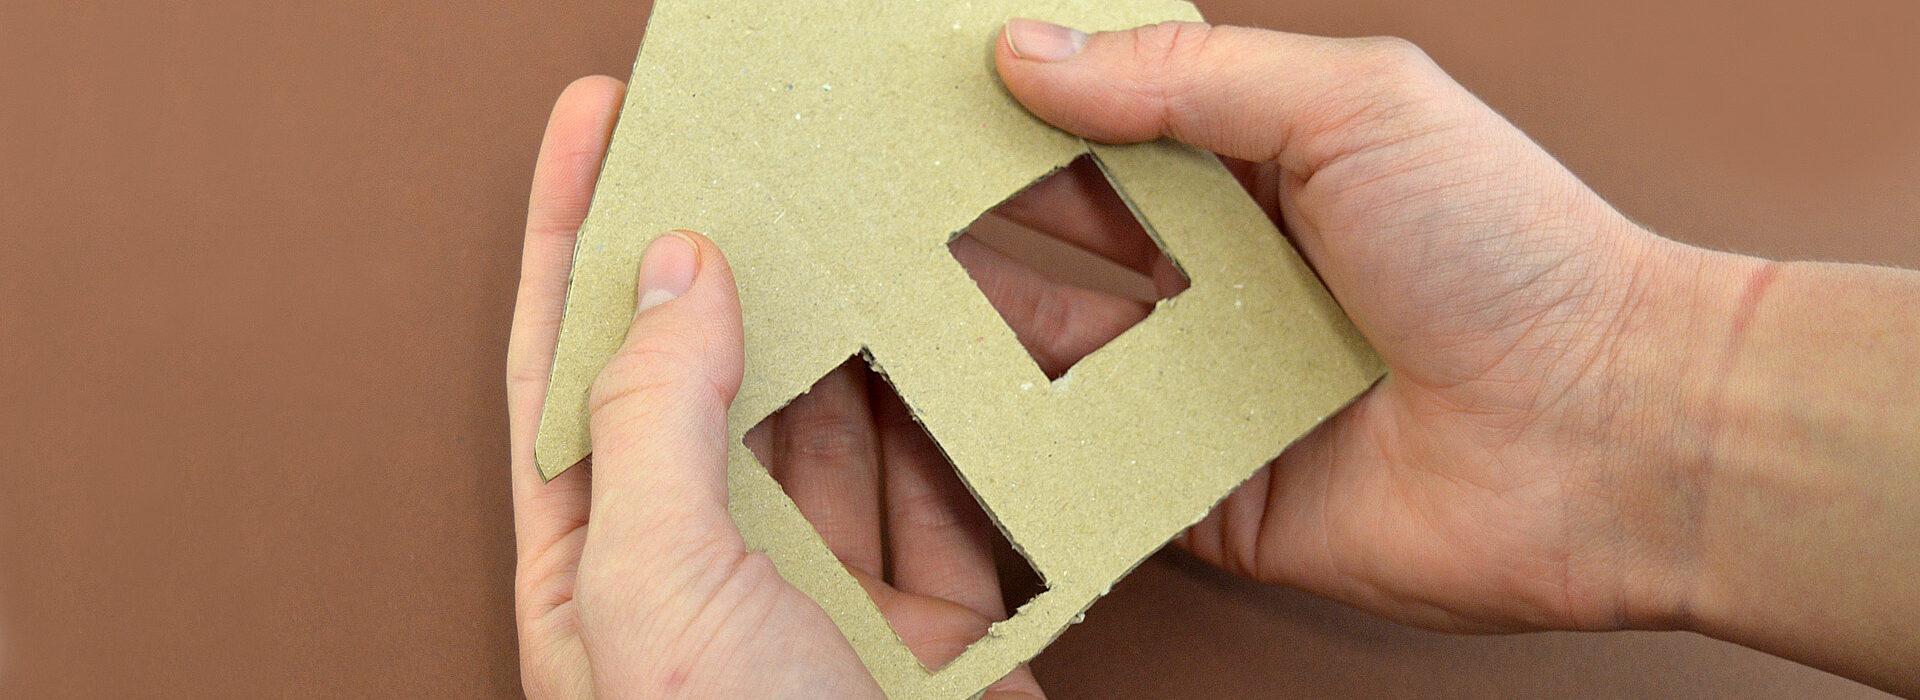 Foto: Wohnungsnot - Hände halten Haus aus Pappe